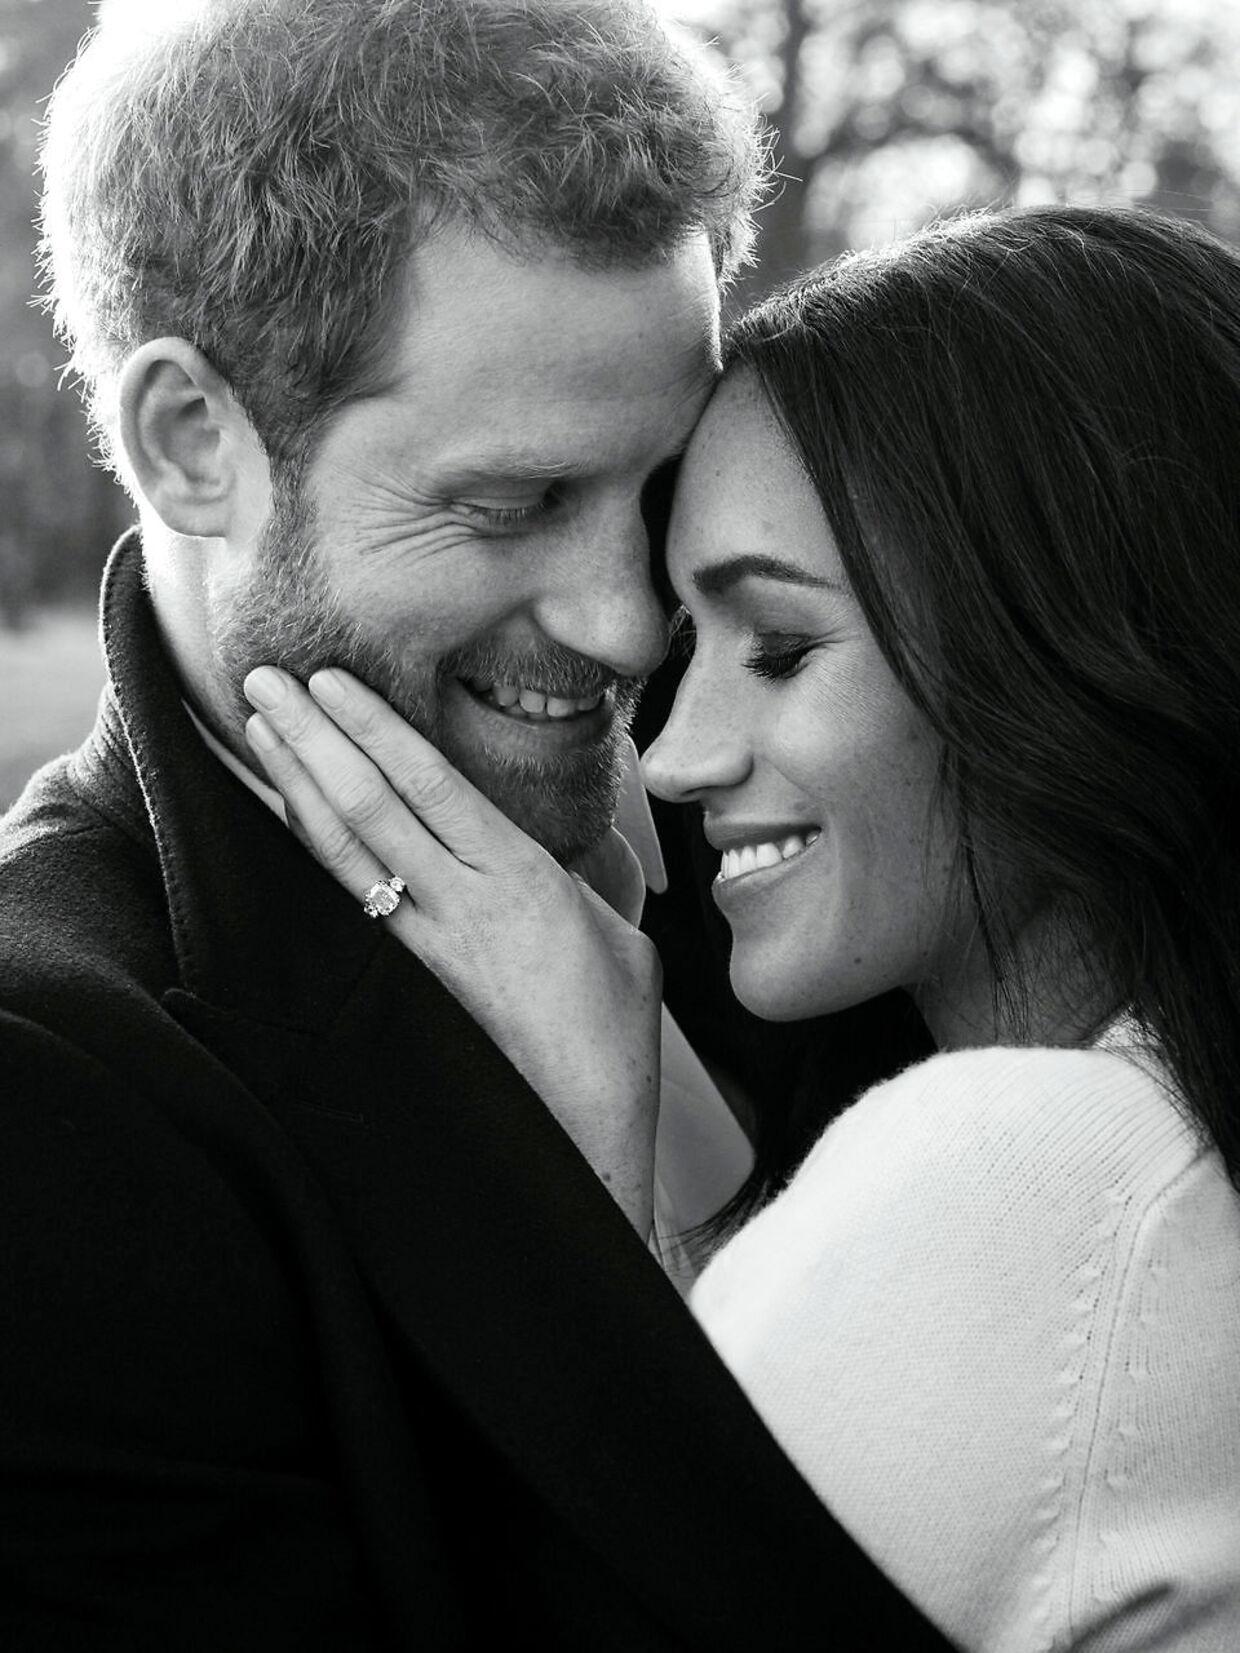 Et af de officielle bryllupsbilleder af prins Harry og Meghan Markle, der blev taget ved Frogmore House i Windsor, som nu bliver deres hjem.